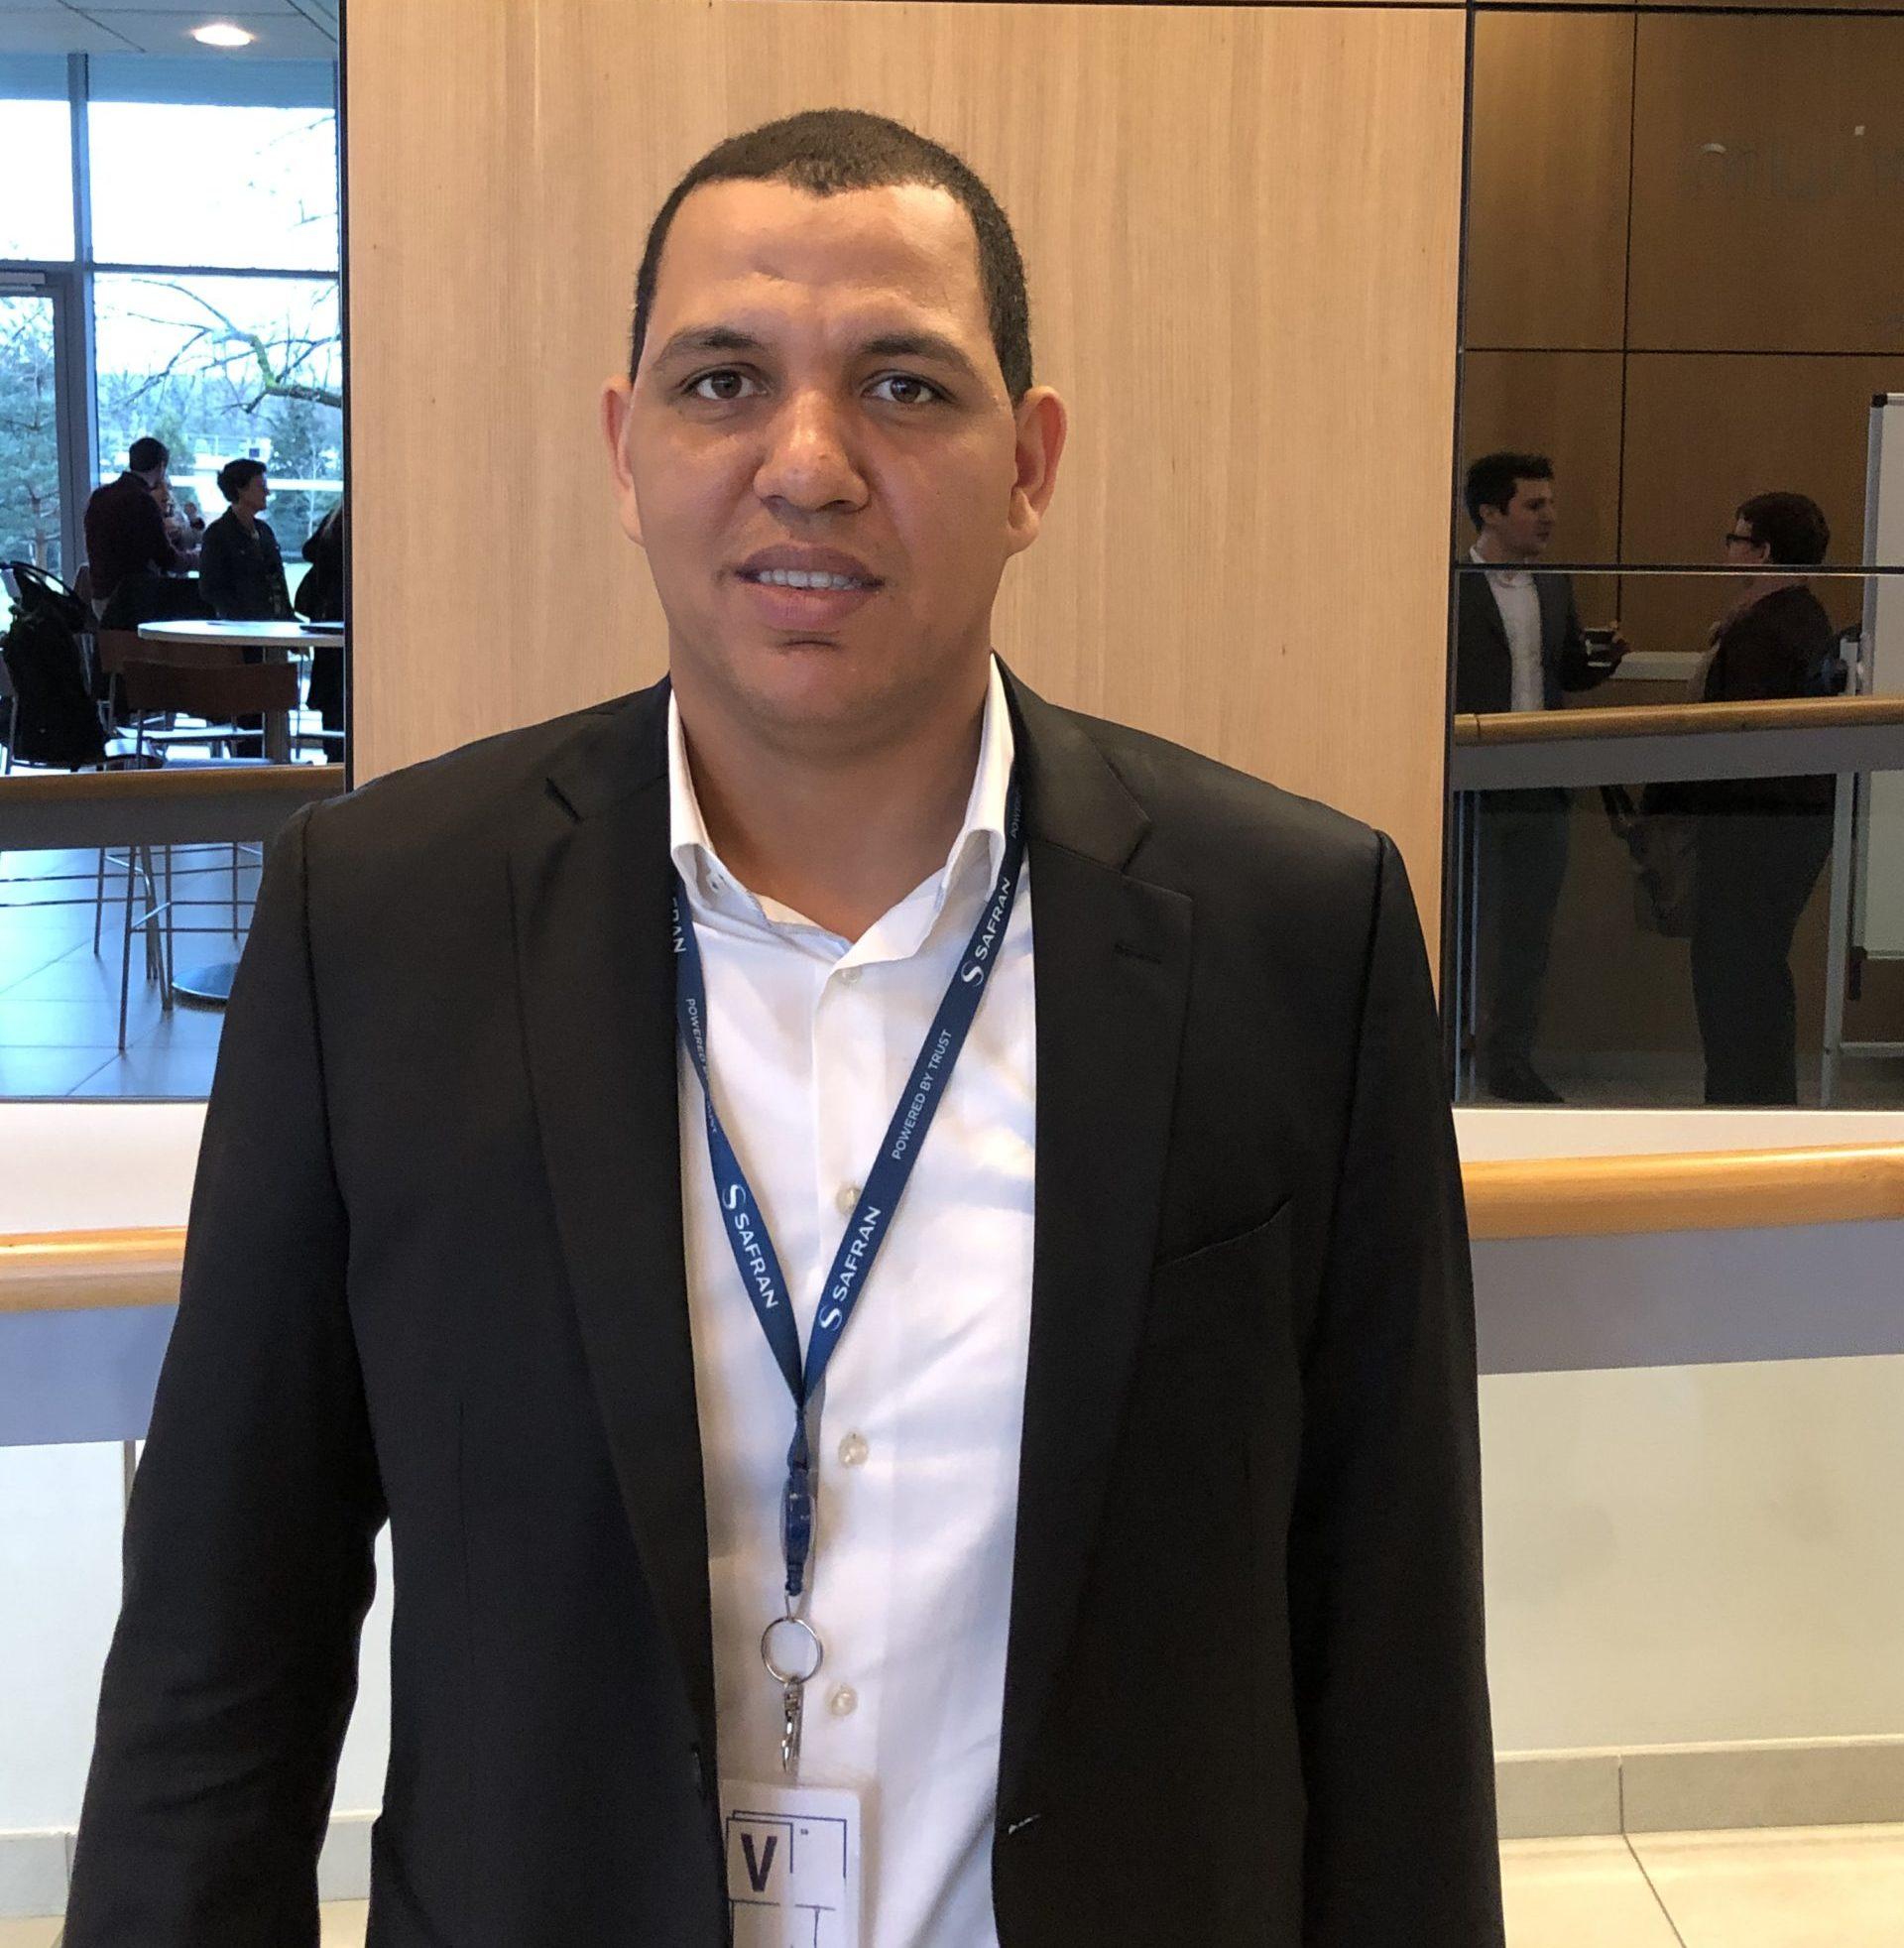 Mr. Mehdi Sahli - Speaker